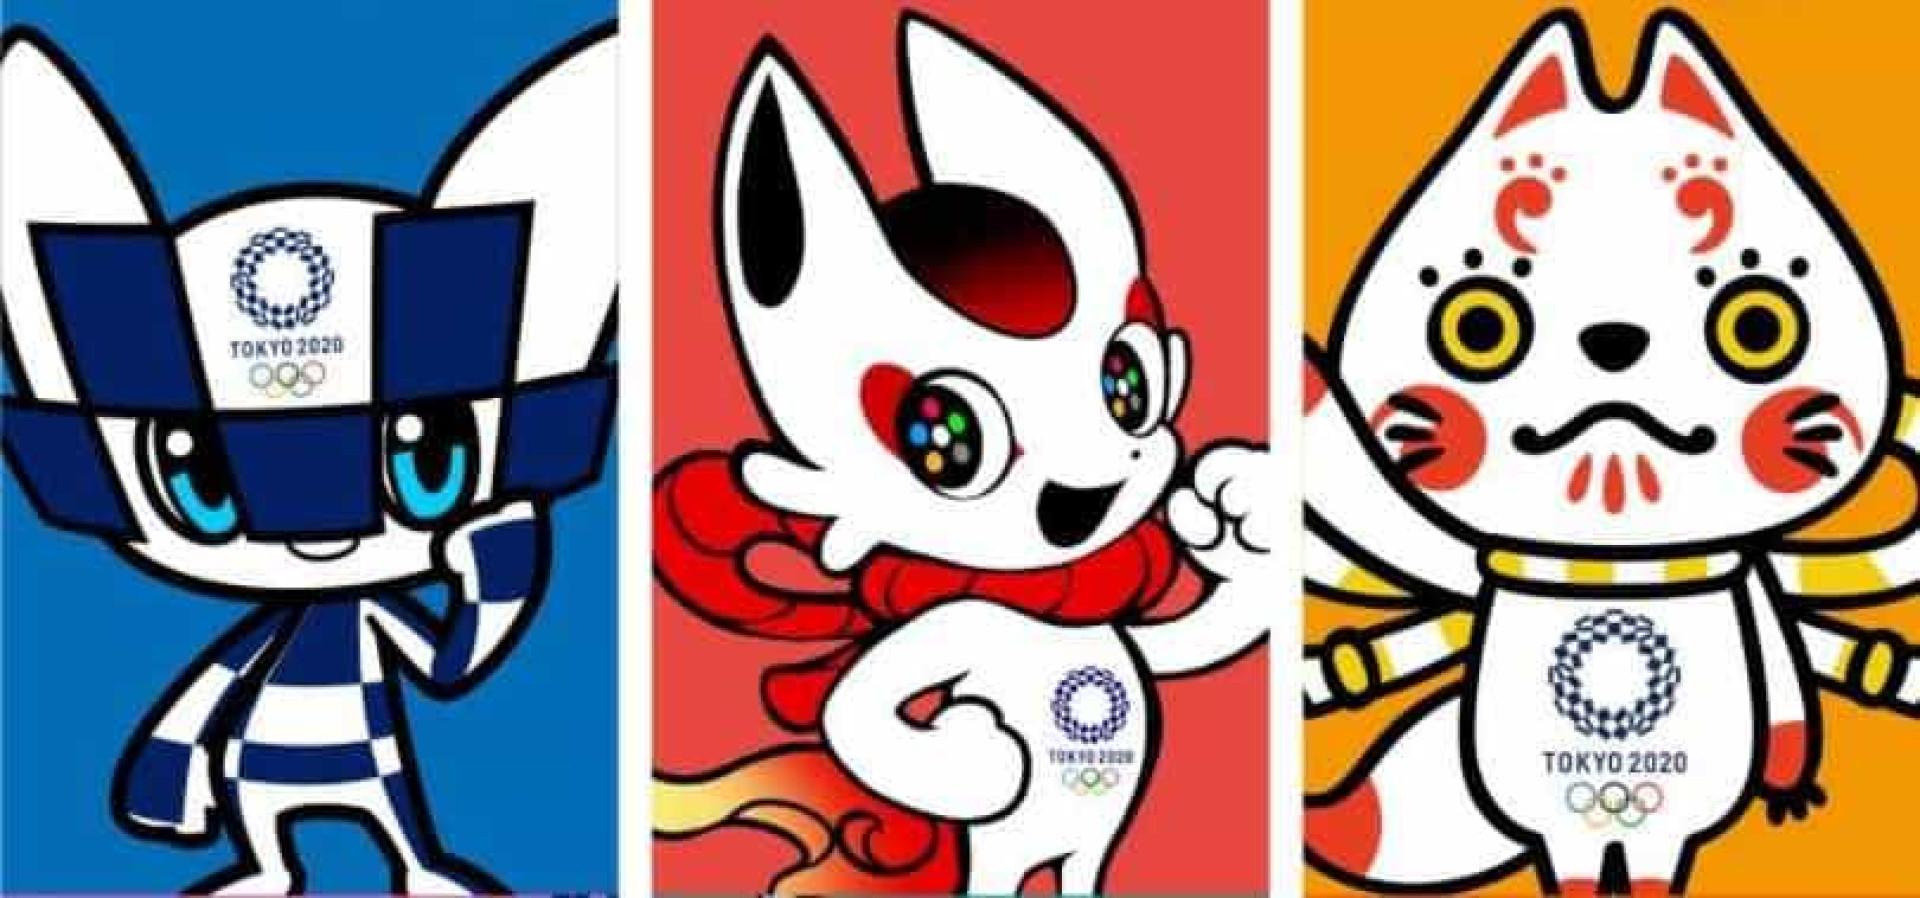 Japão apresenta opções de mascotes para Olimpíadas de 2020